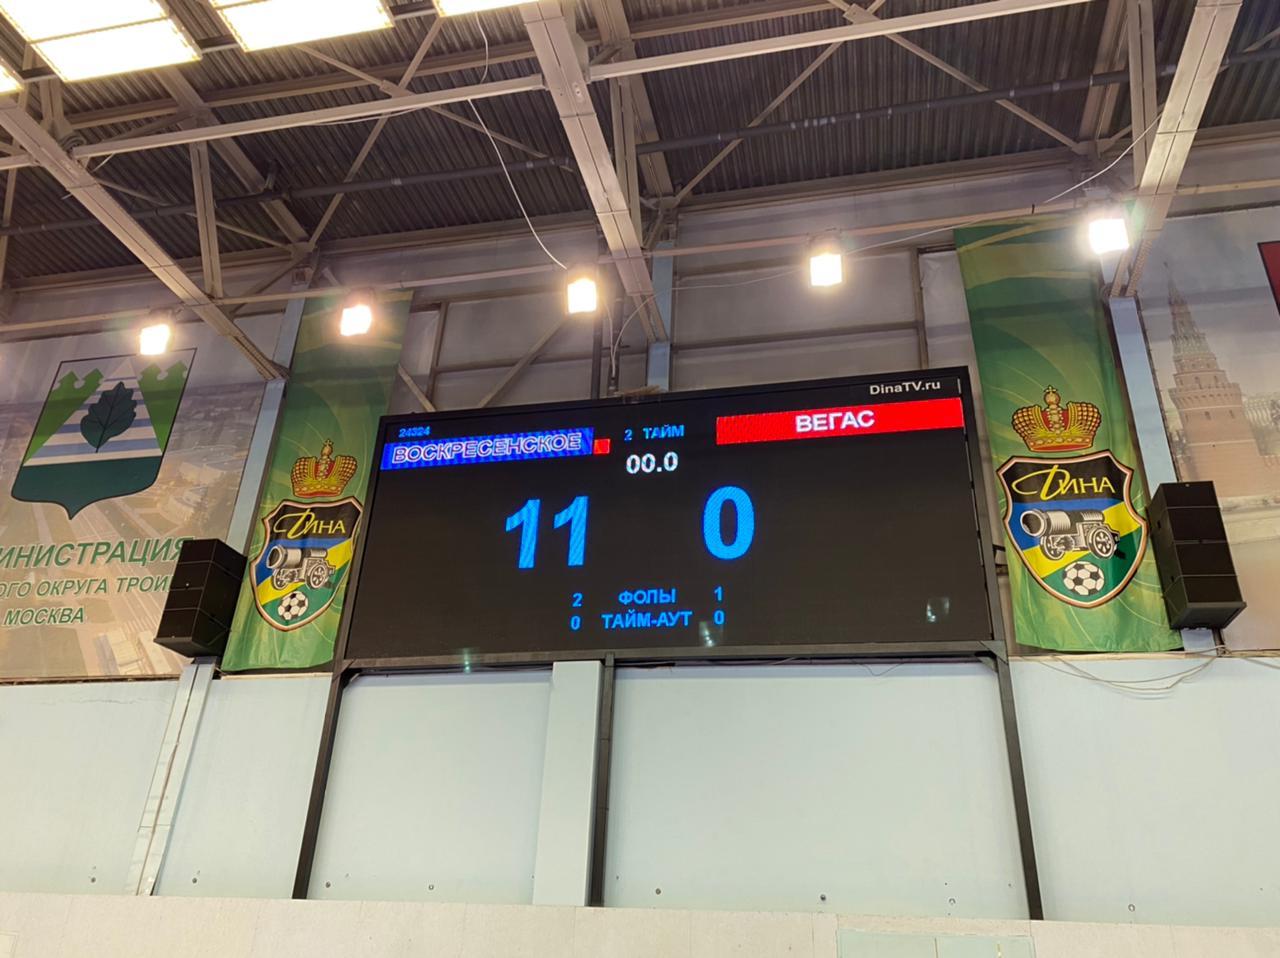 Спортсмены поселения Воскресенское выиграли матч по мини-футболу Открытого турнира. Фото предоставил тренер команды